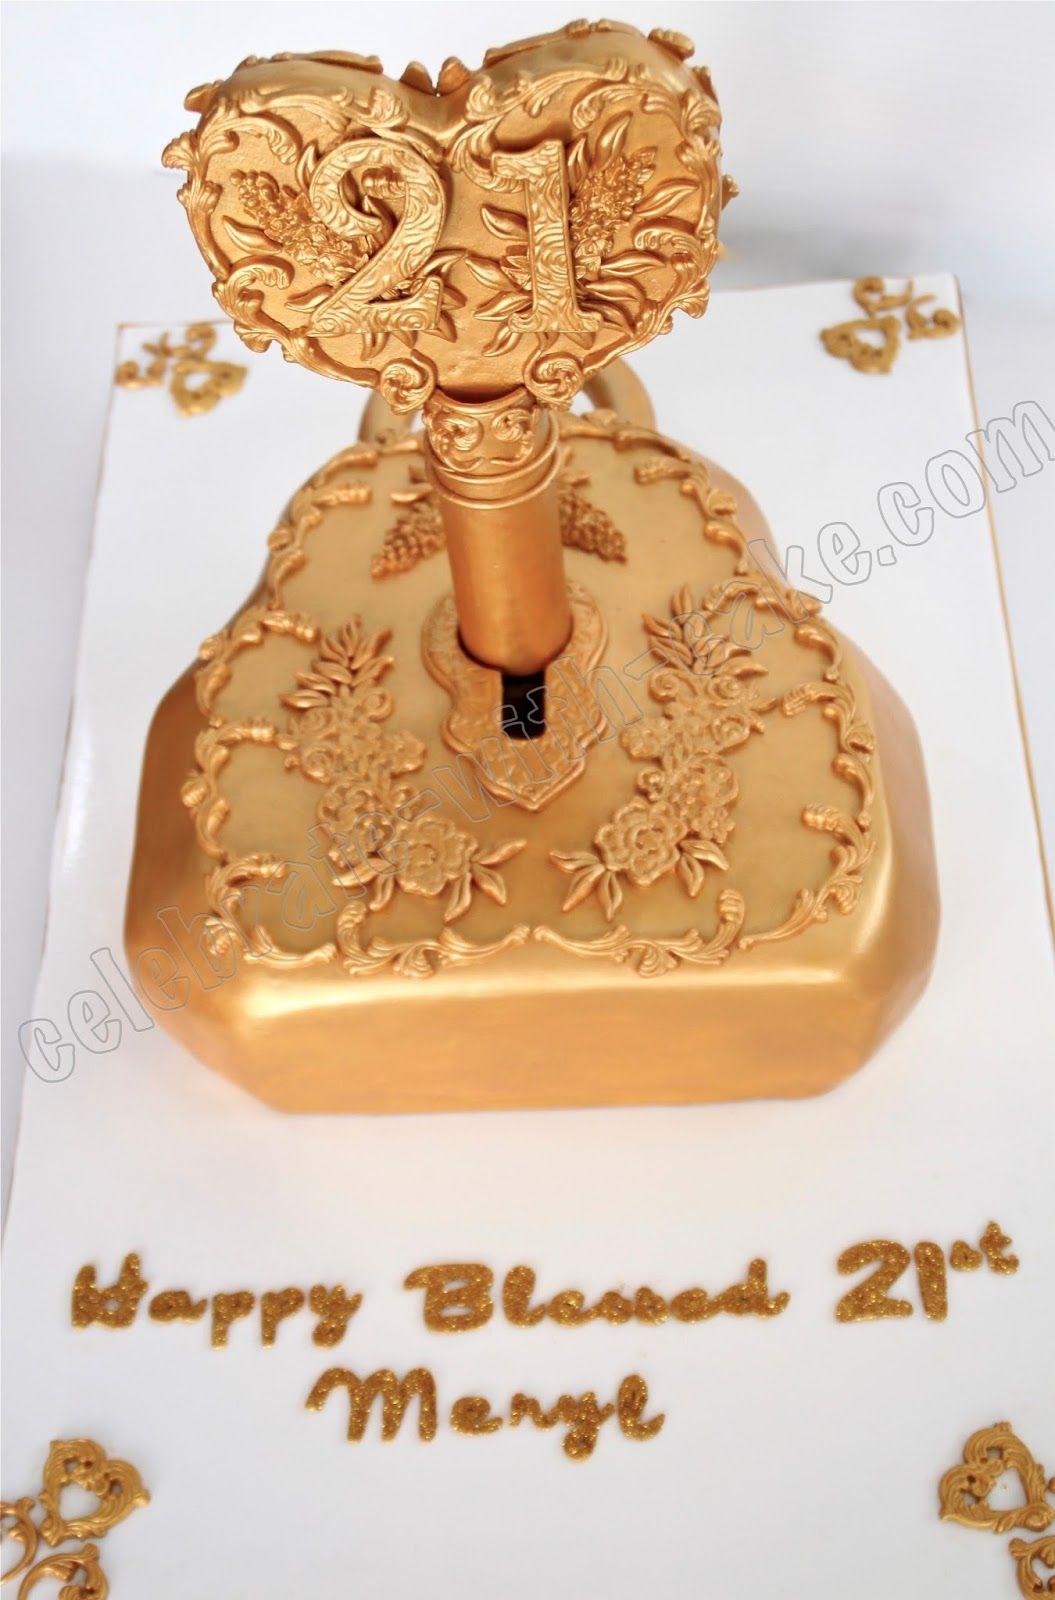 21st Birthday Vintage Lock & Key Cake 21st birthday